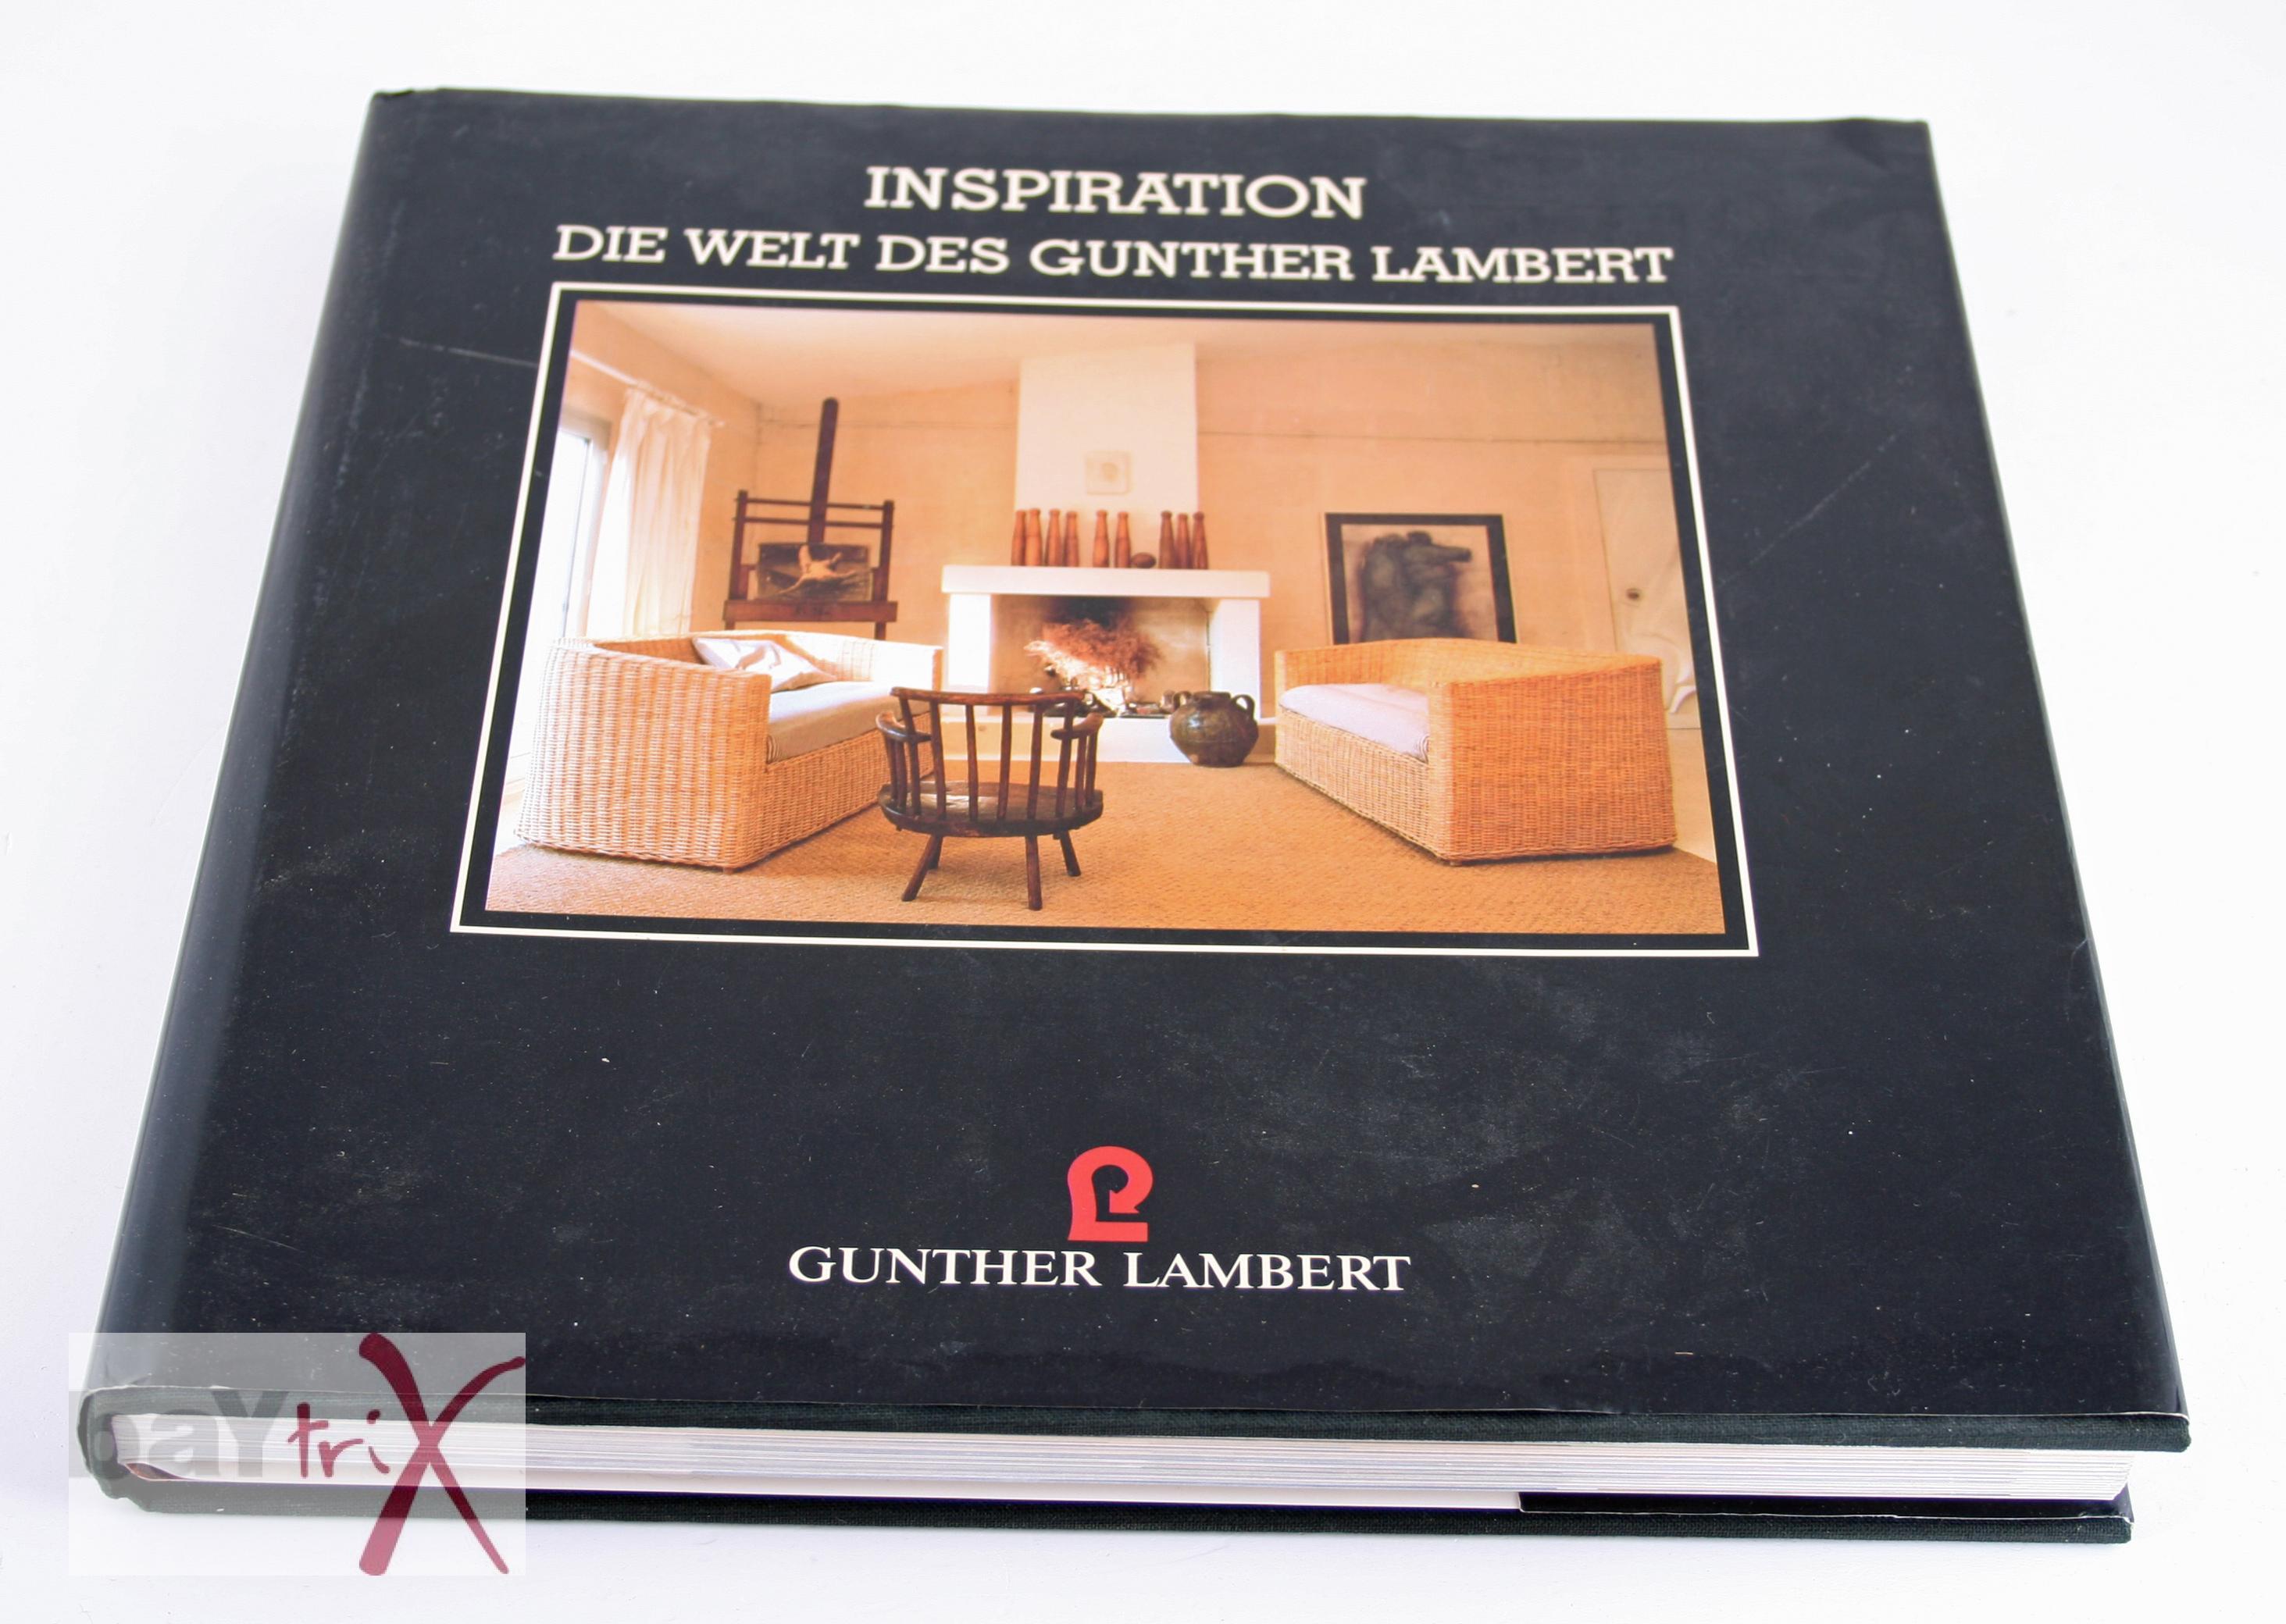 buch inspiration die welt des gunther lambert mit preisliste 1994 ebay. Black Bedroom Furniture Sets. Home Design Ideas